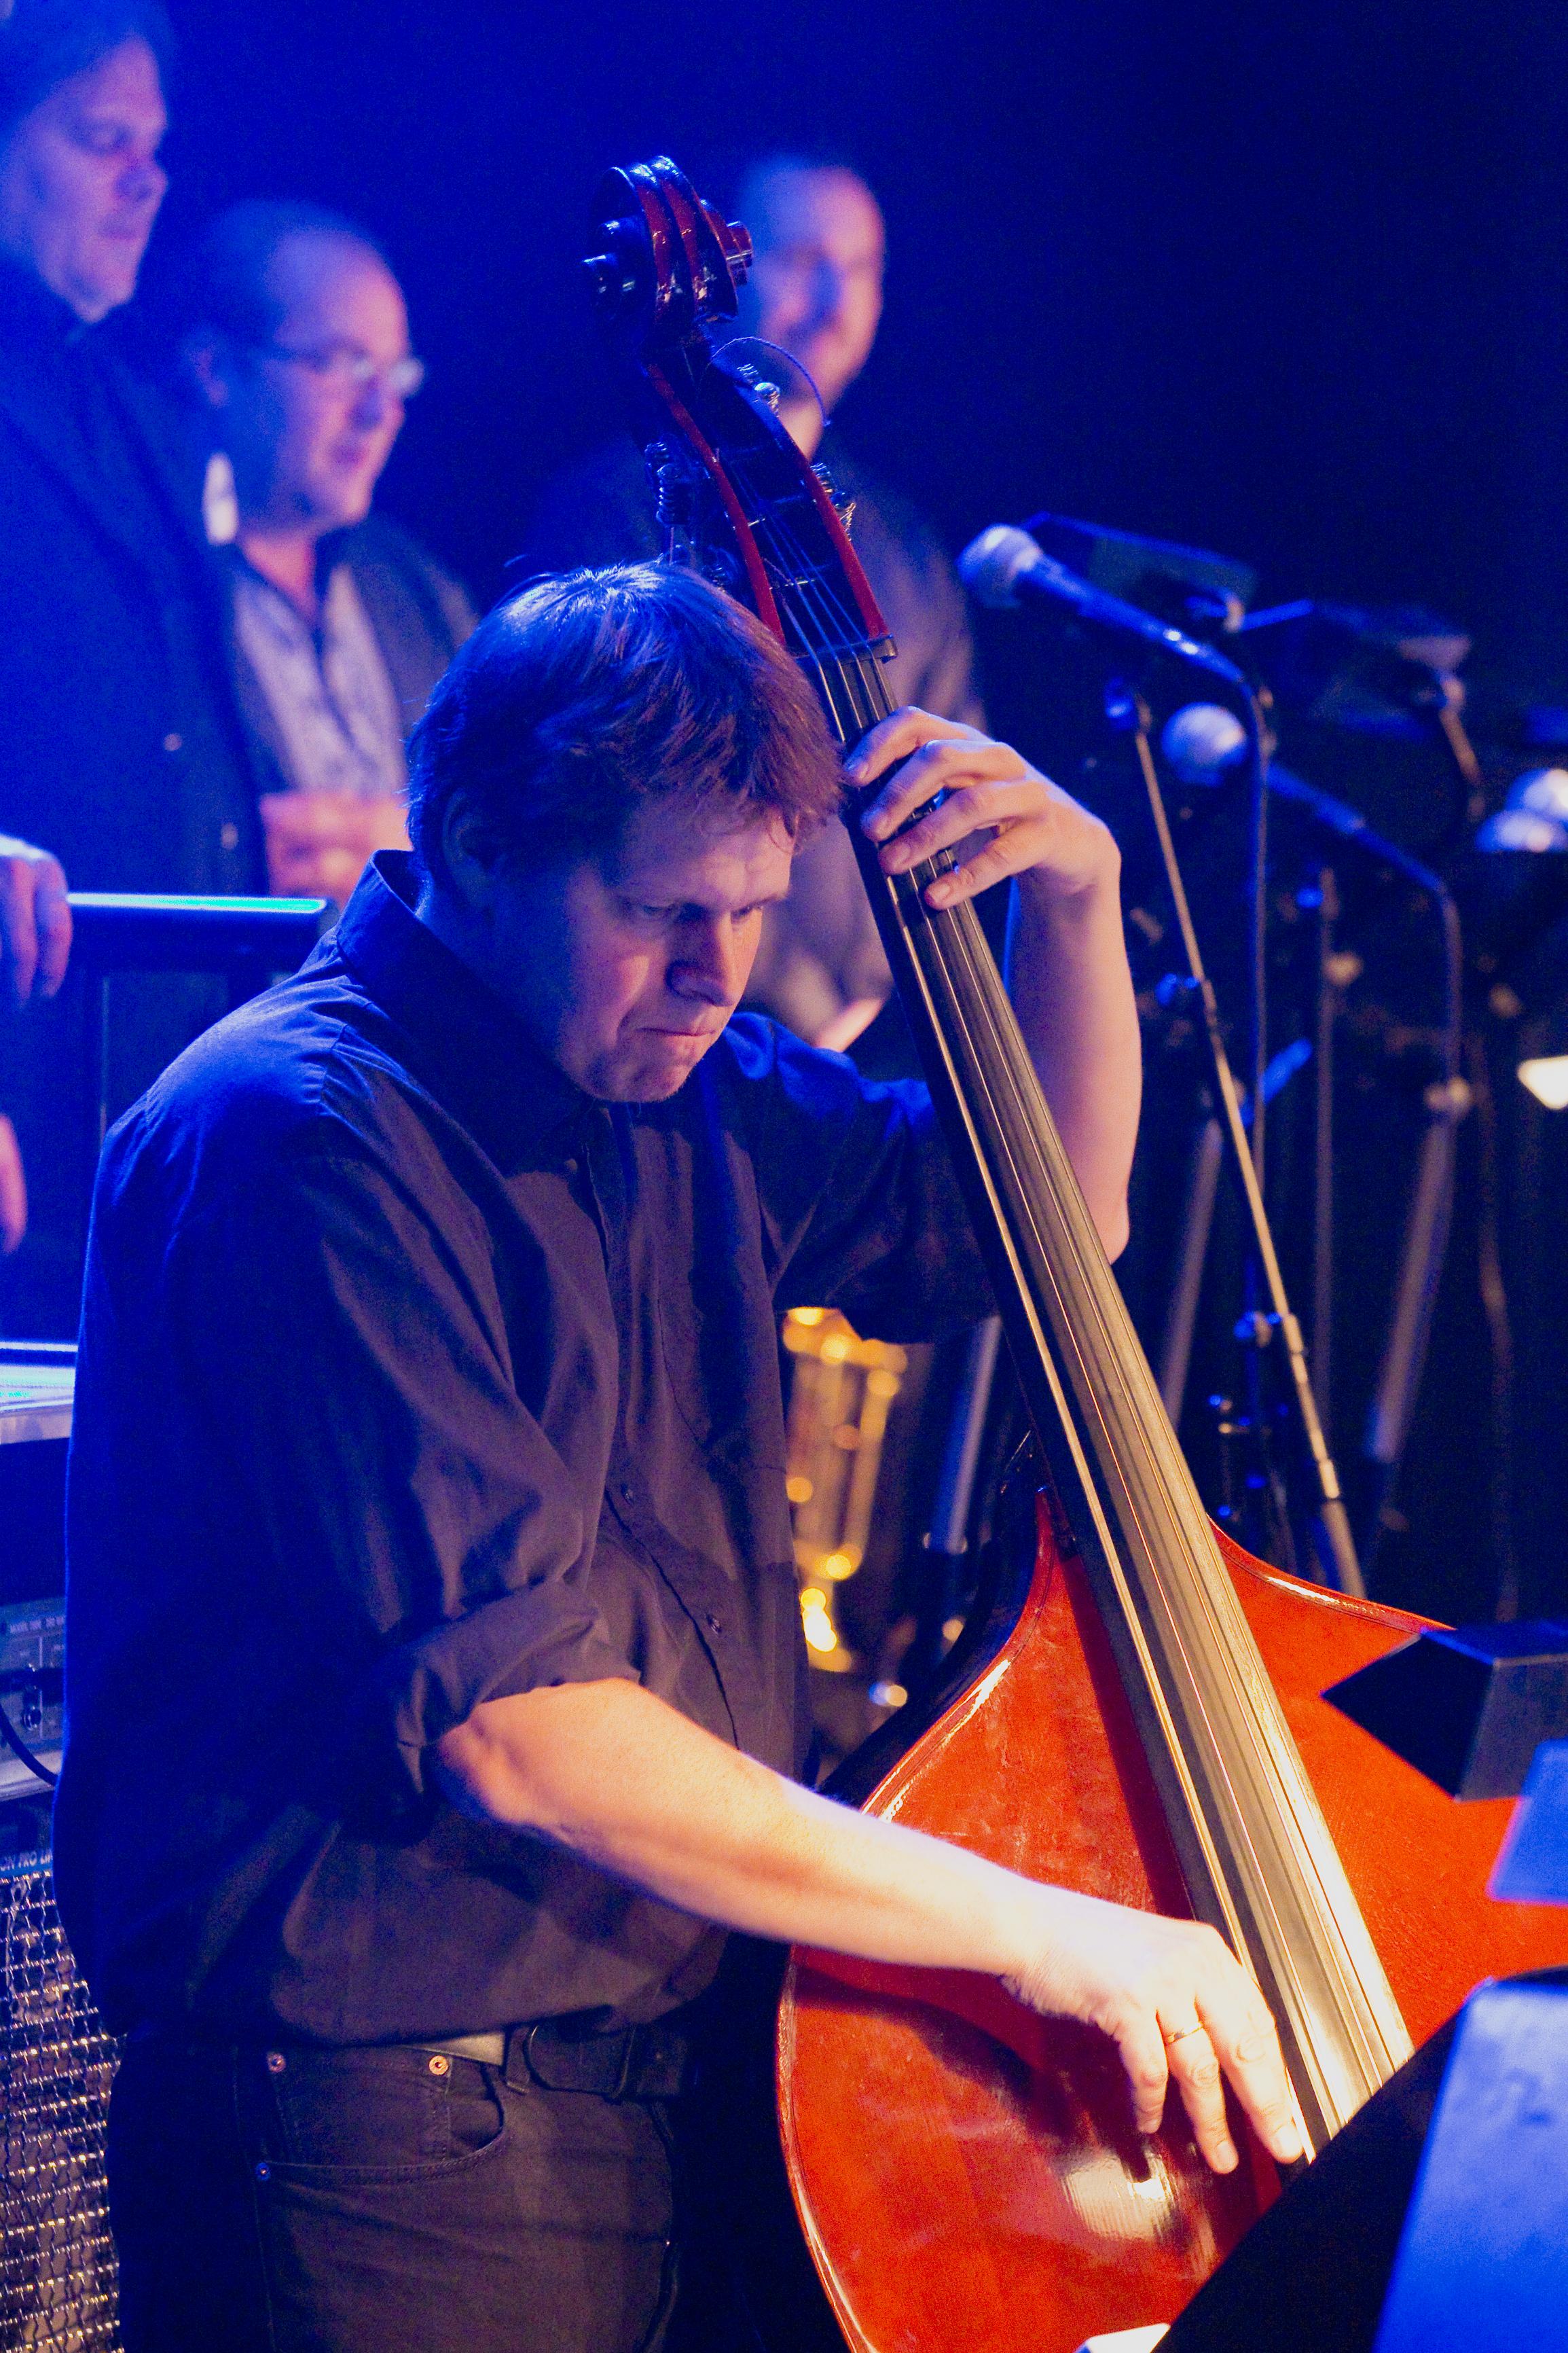 Ett Fett Storbands bassist Erik N. Strandberg får kjørt seg når bandet spiller Wendelboe. Her fra fjorårets utgave av festivalen. Foto: Halvor Gudim